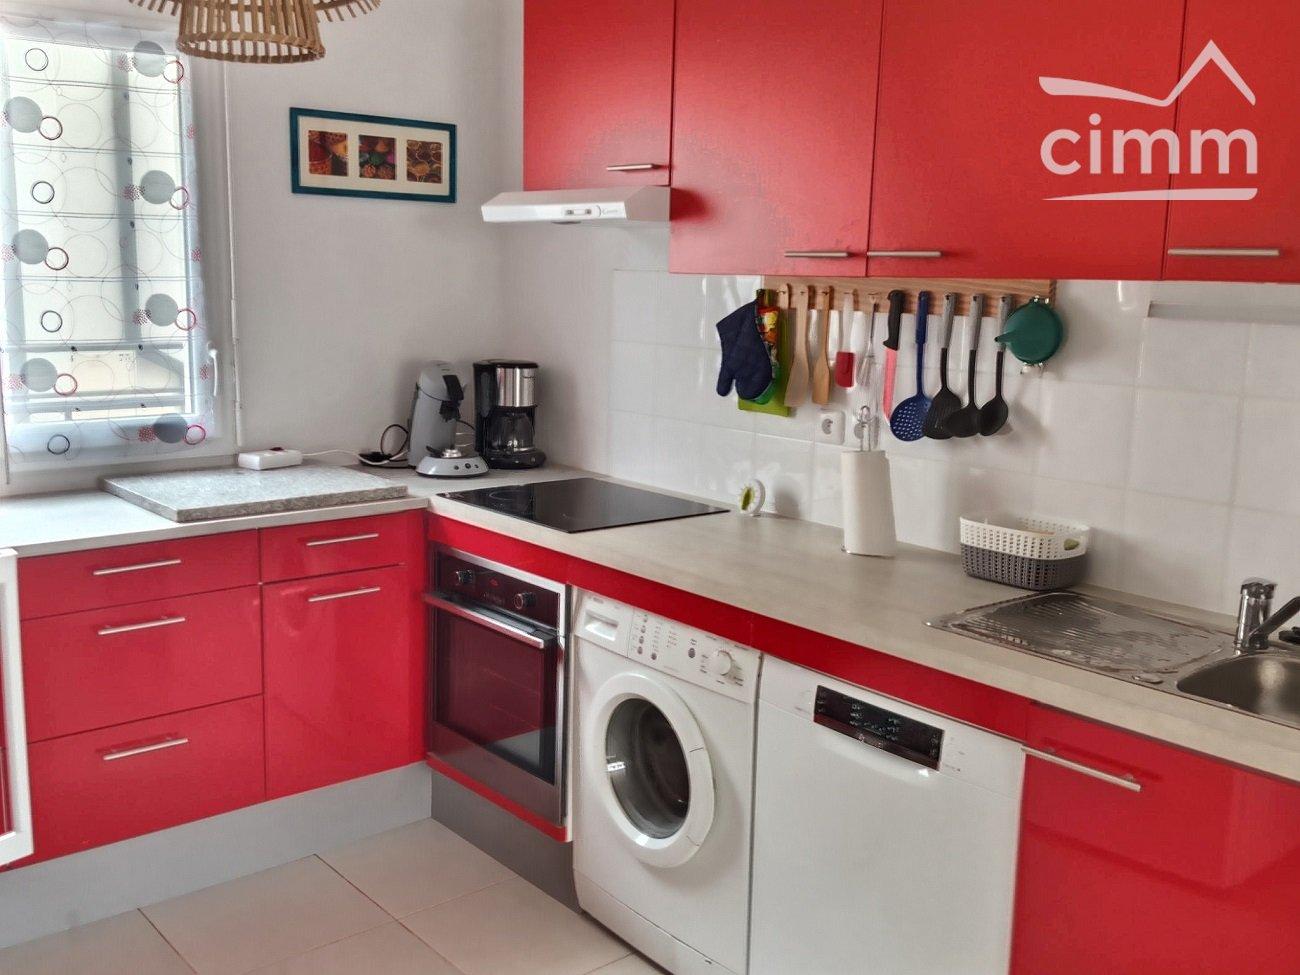 IMMOPLAGE VALRAS-PLAGE, agence immobilière, vente, location et location vacances appartement et maison entre Agde/Sete et Narbonne, proche Béziers - Pavillon - SERIGNAN - Location Vacances - 71m²